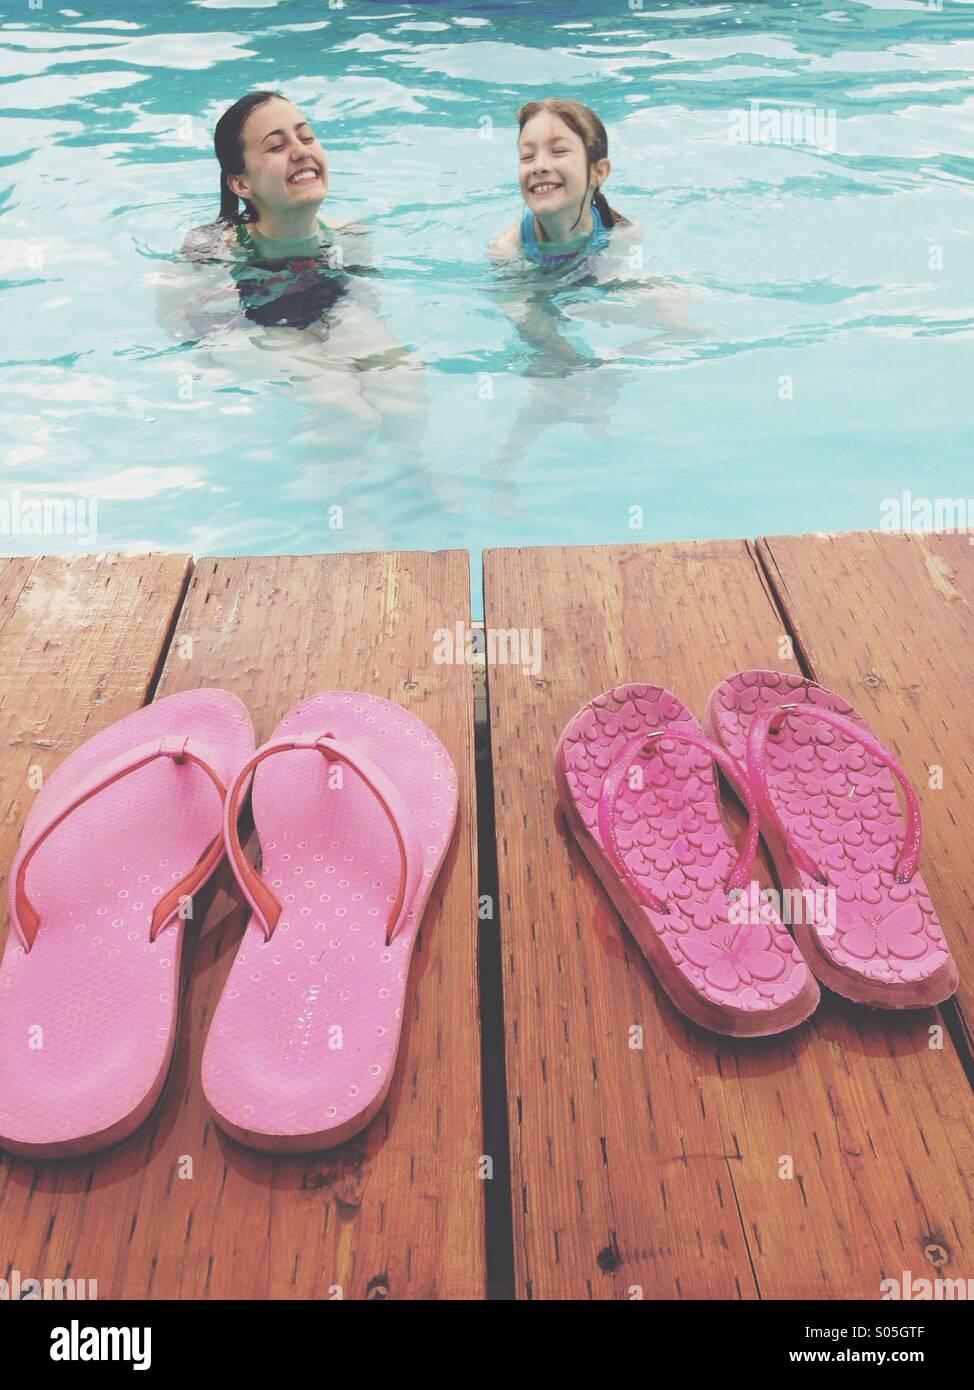 Suor tempo. L'estate. Immagini Stock